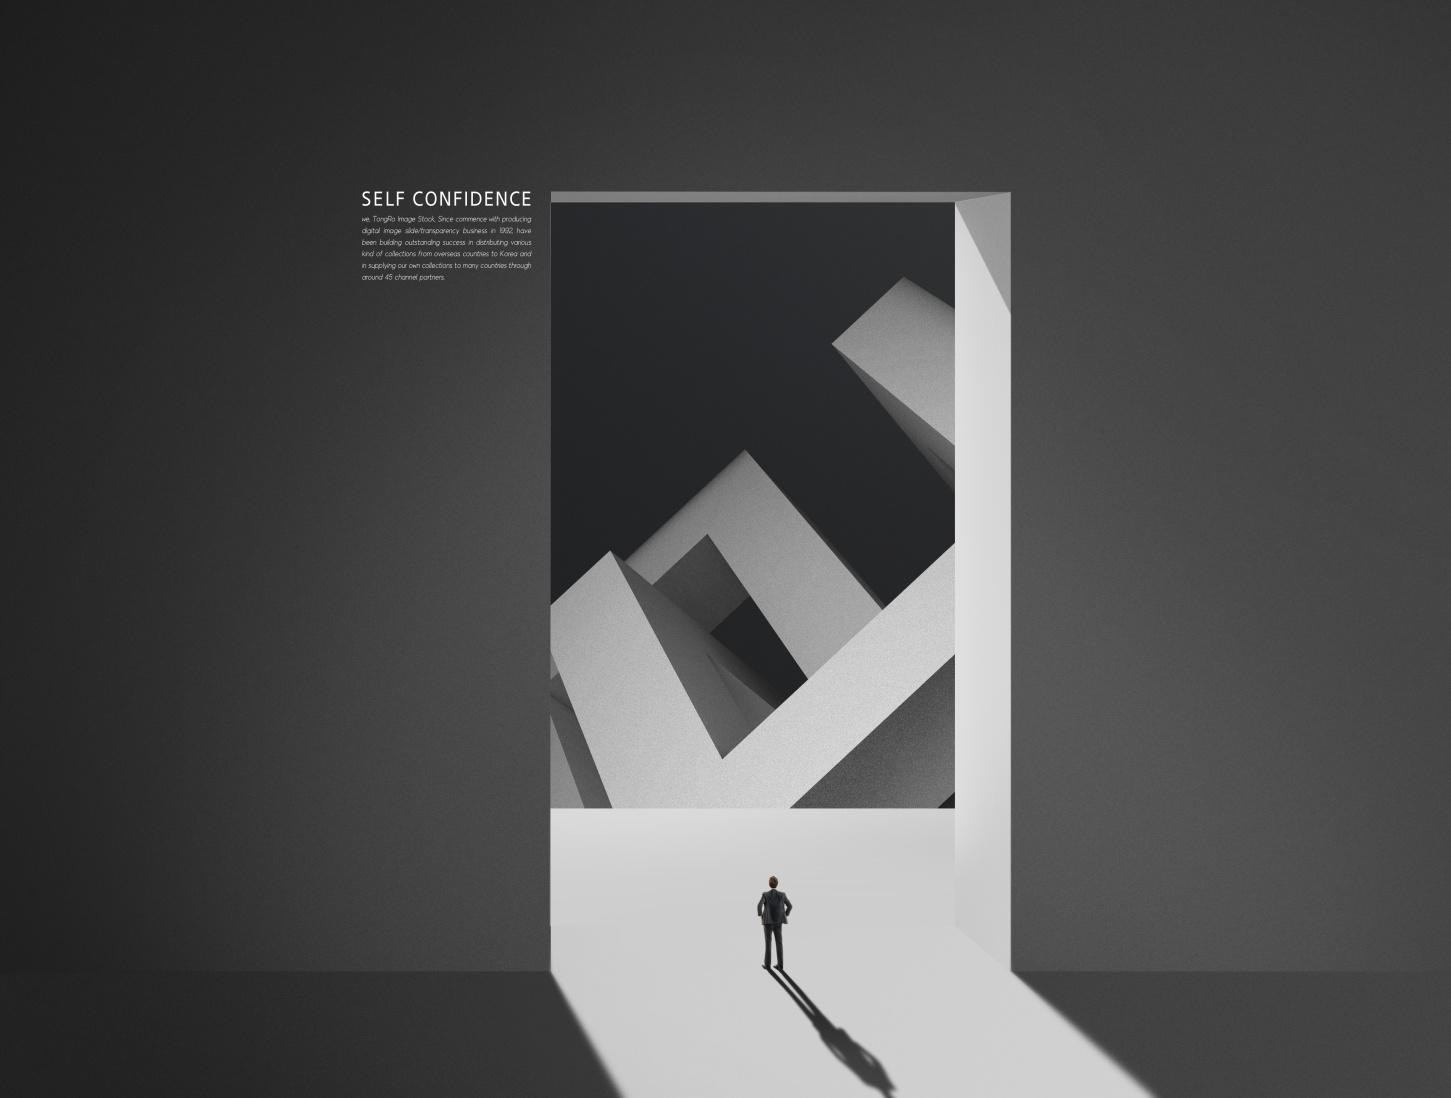 [单独购买] 12款创意黑白几何虚拟空间企业文化宣传主视觉海报设计PS素材模板 Virtual Space Sale Poster Template插图3